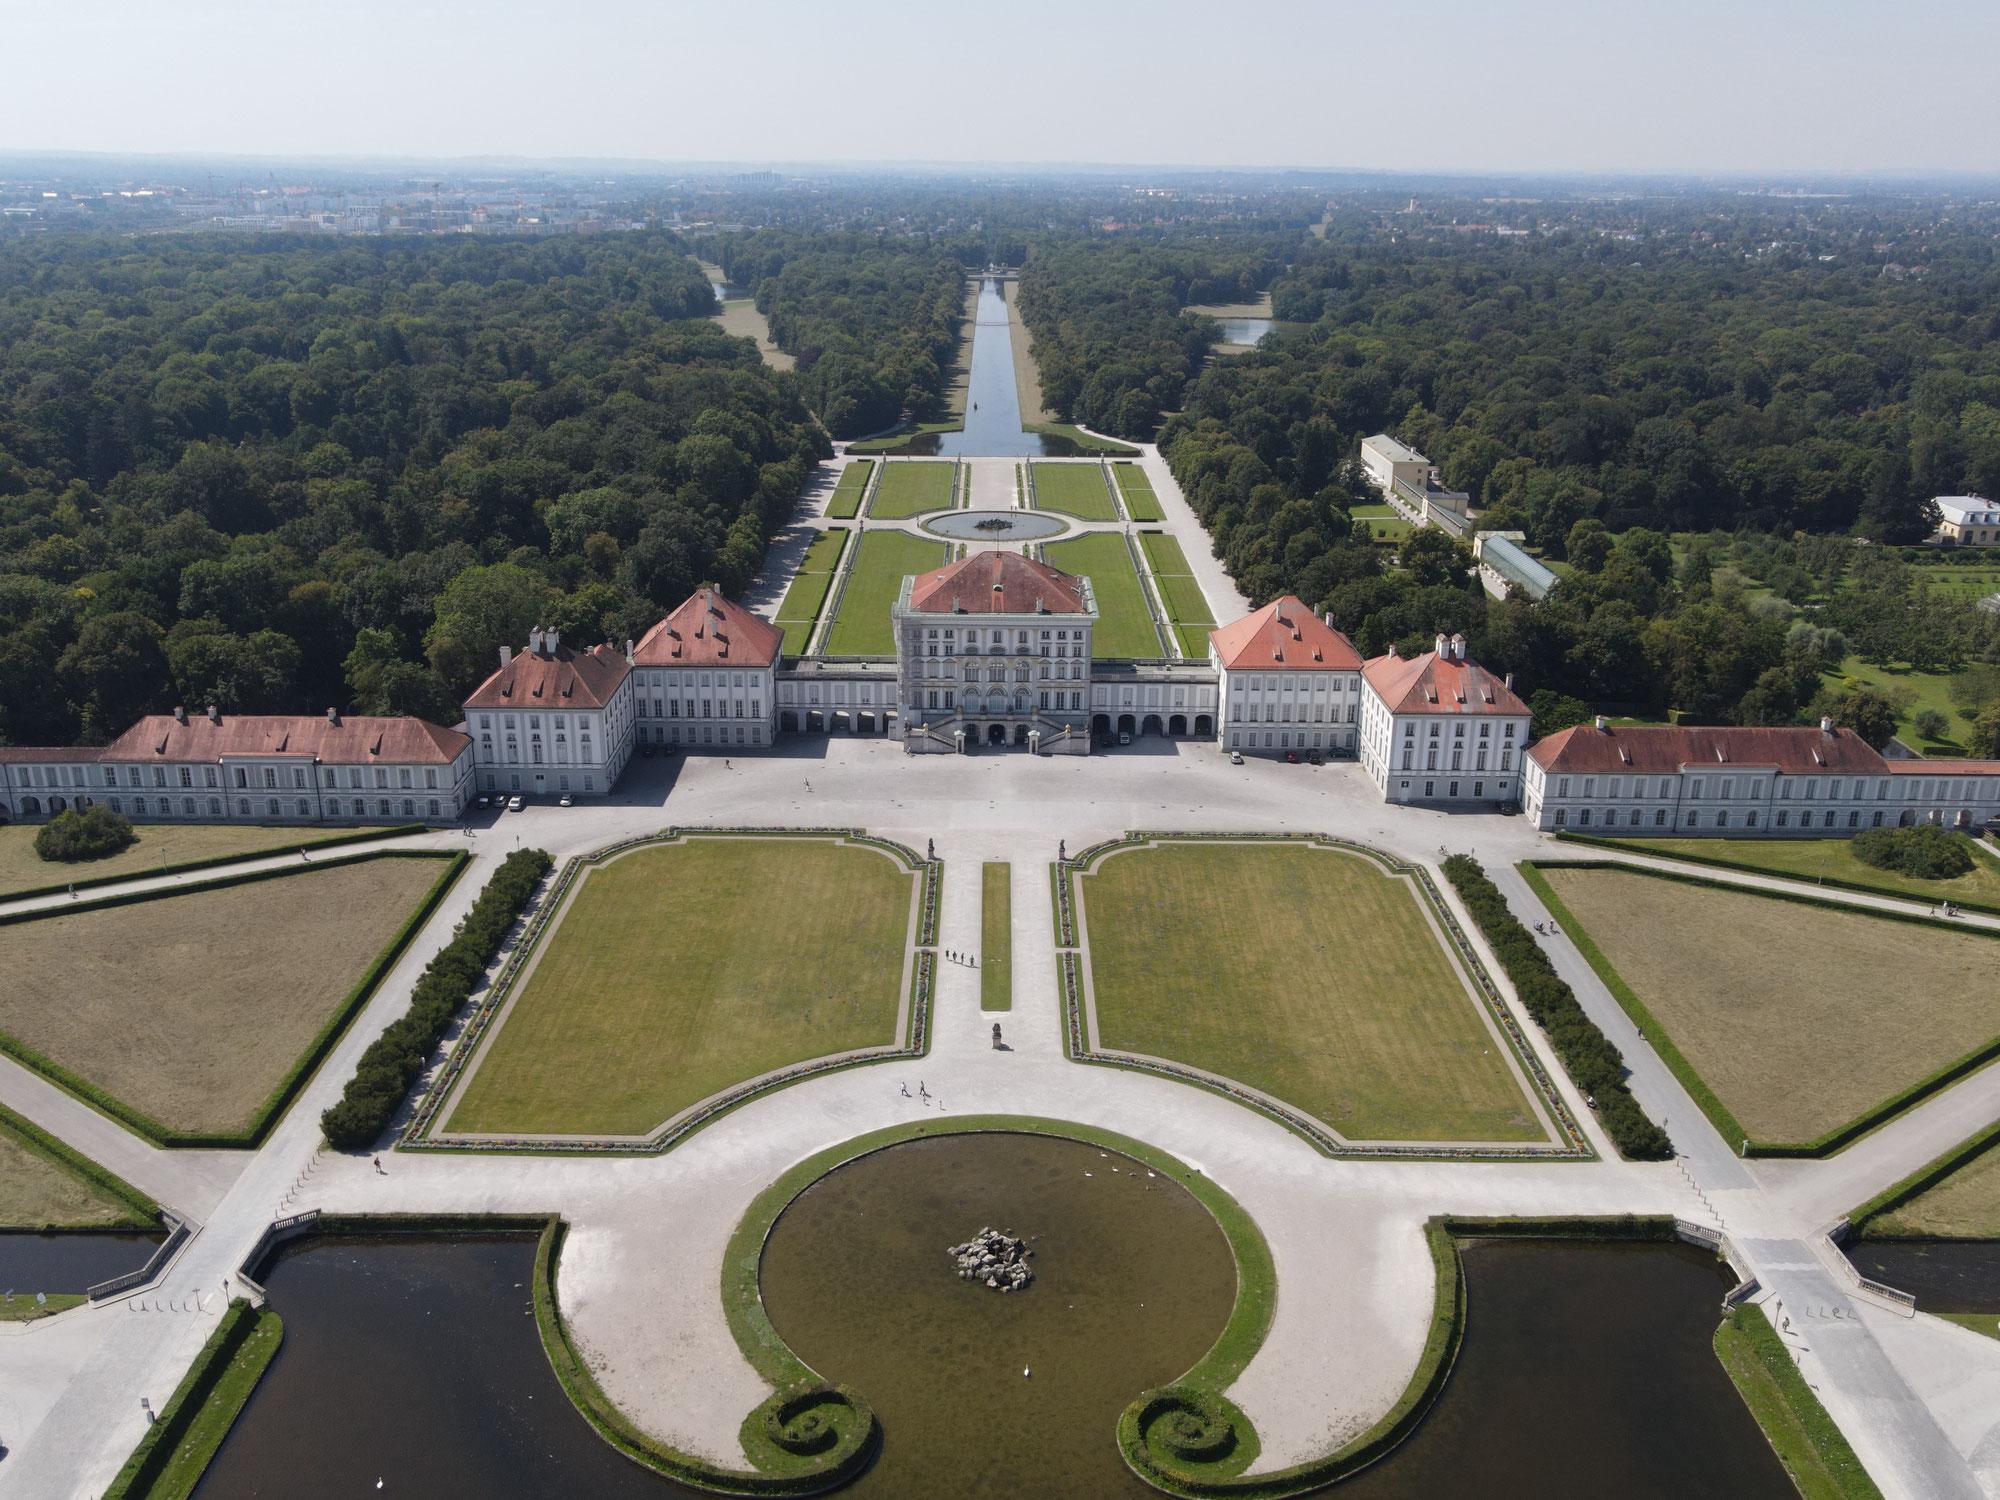 Drohnen-Video: Das Schloss Nymphenburg in München - freier-Flug mit Drohne in engem Flugraum auf einer Achse